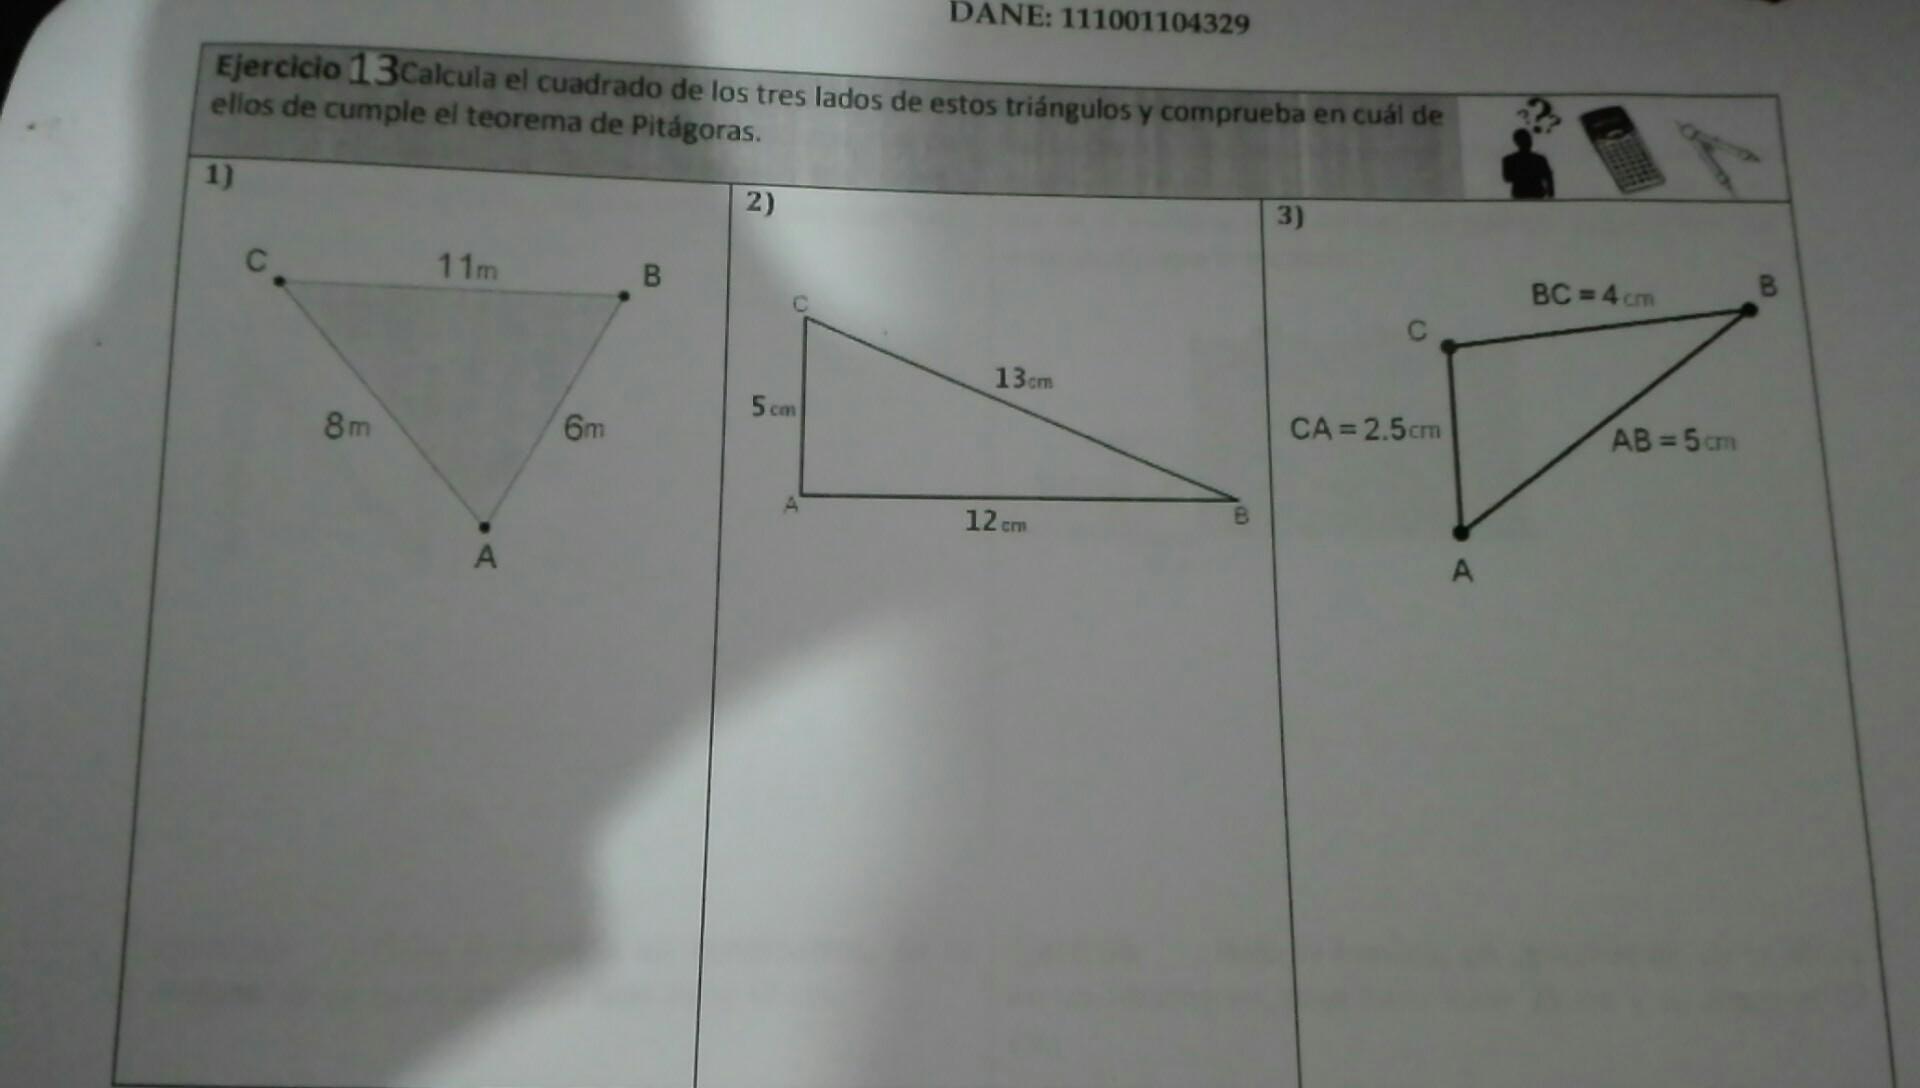 calcula el cuadrado de los tres lados de estos triangulos y ...